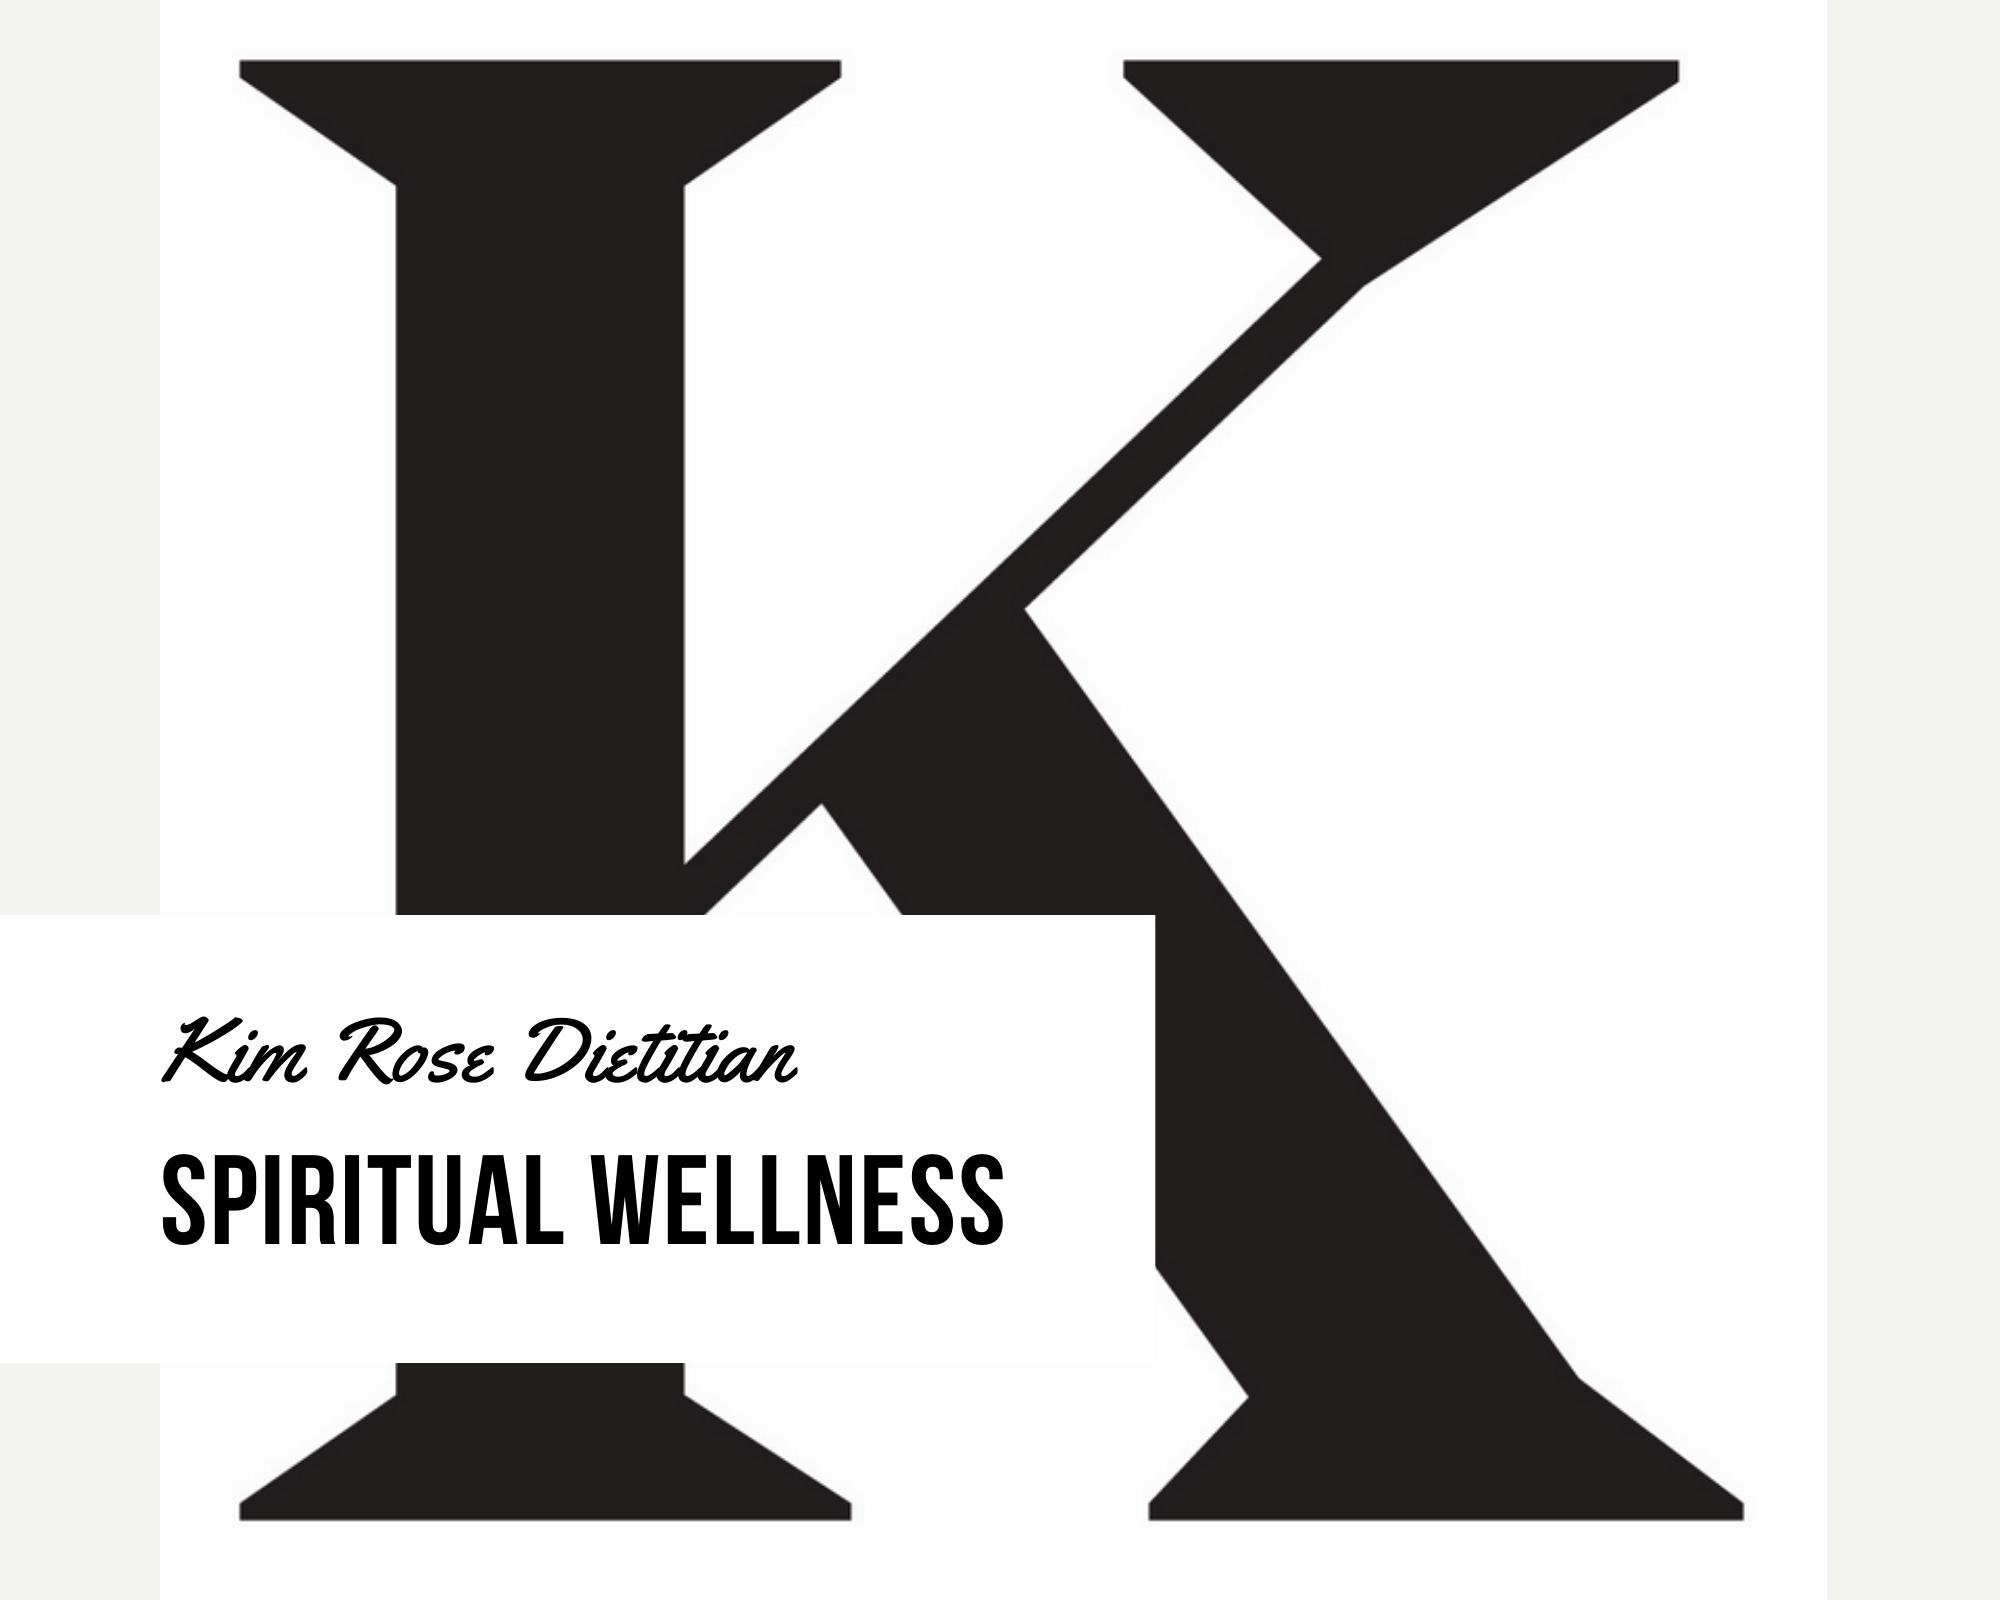 Pin By Kim Rosetitian On Spiritual Wellness In